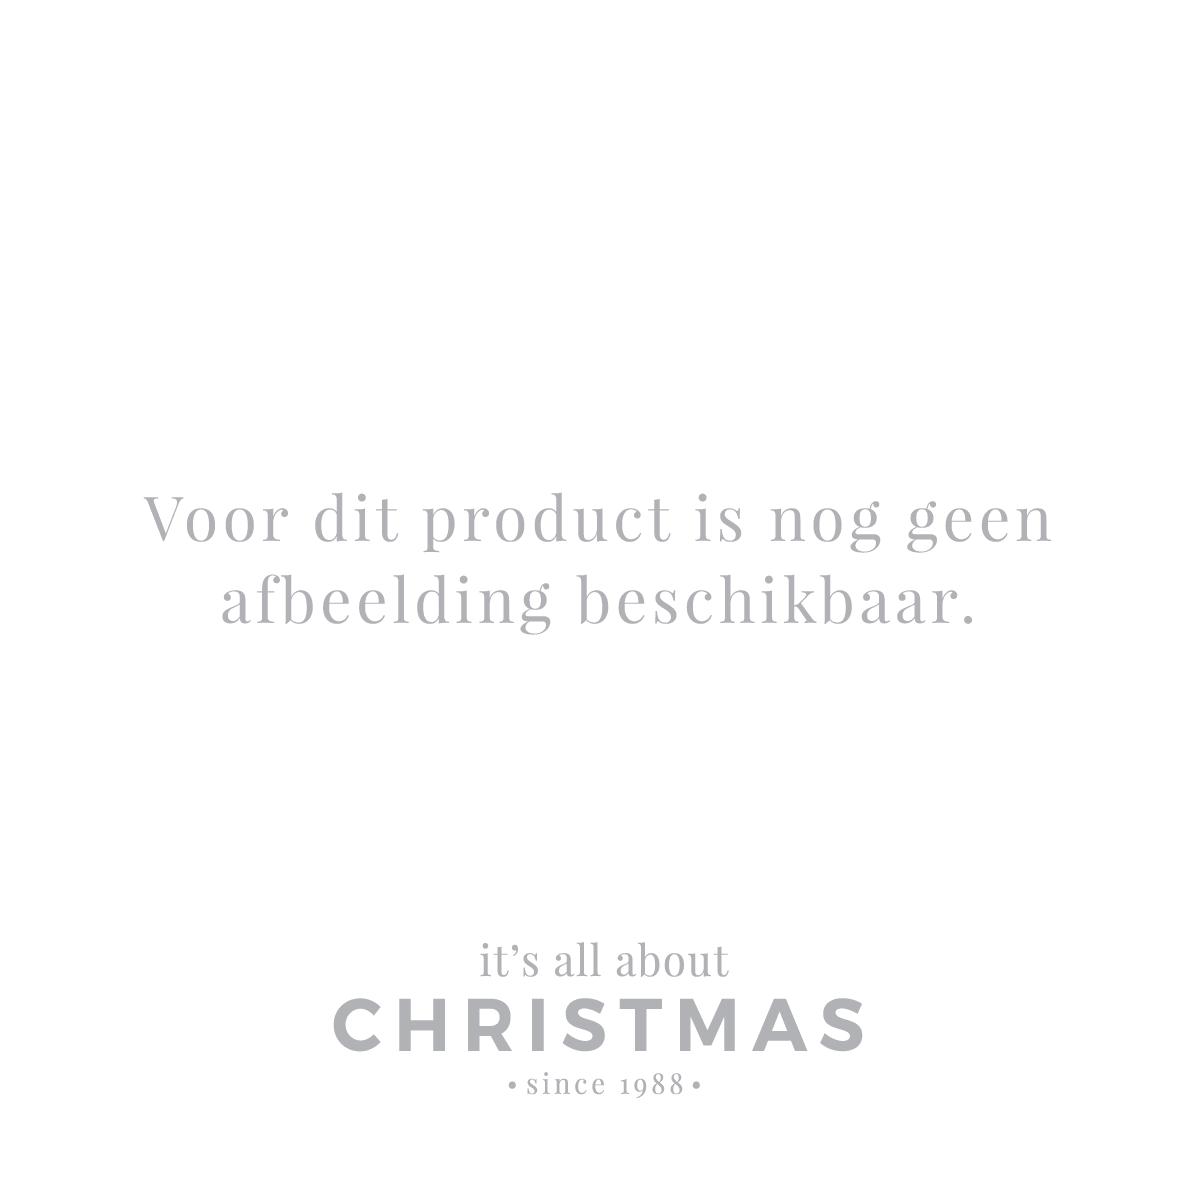 Weihnachtsschmuck - Elch/Herz - 11cm - Braun